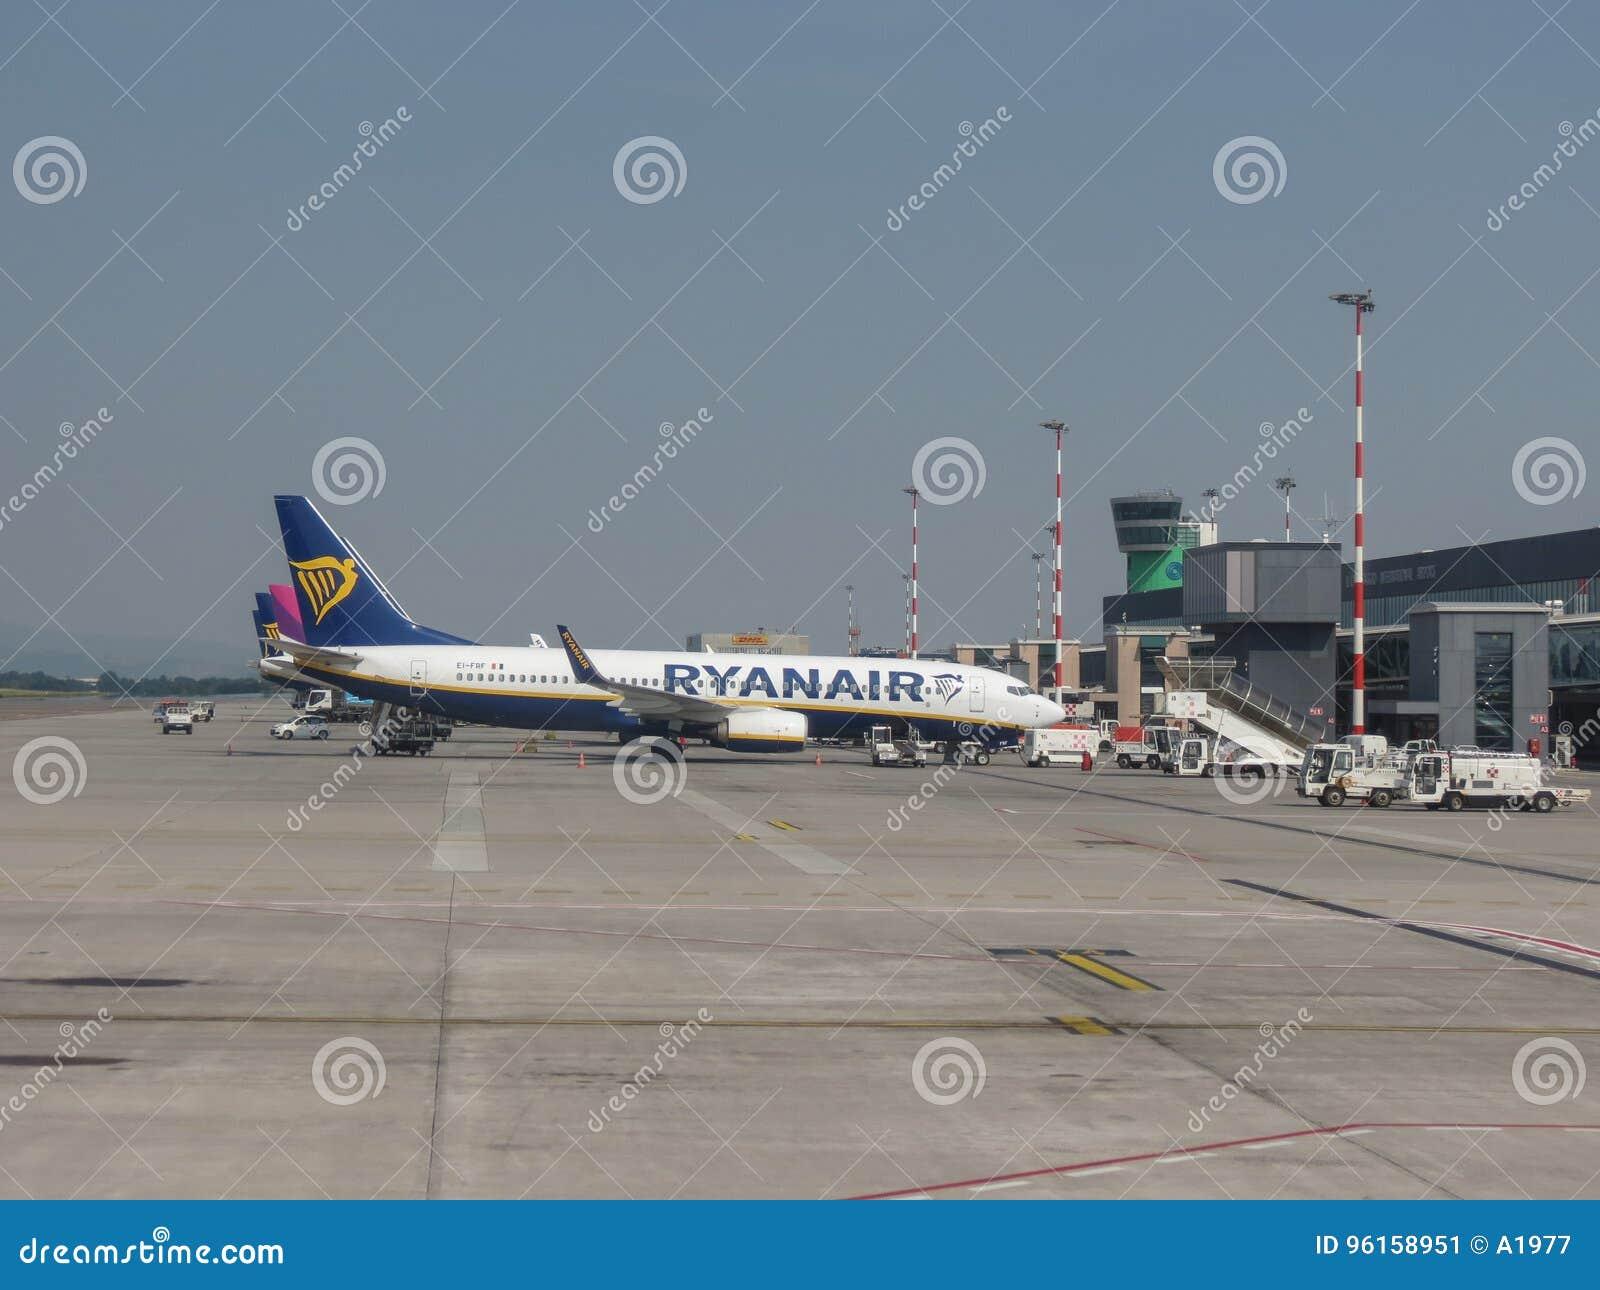 Aeroporto Orio : Aeroporto di bergamo orio al serio fotografia stock editoriale